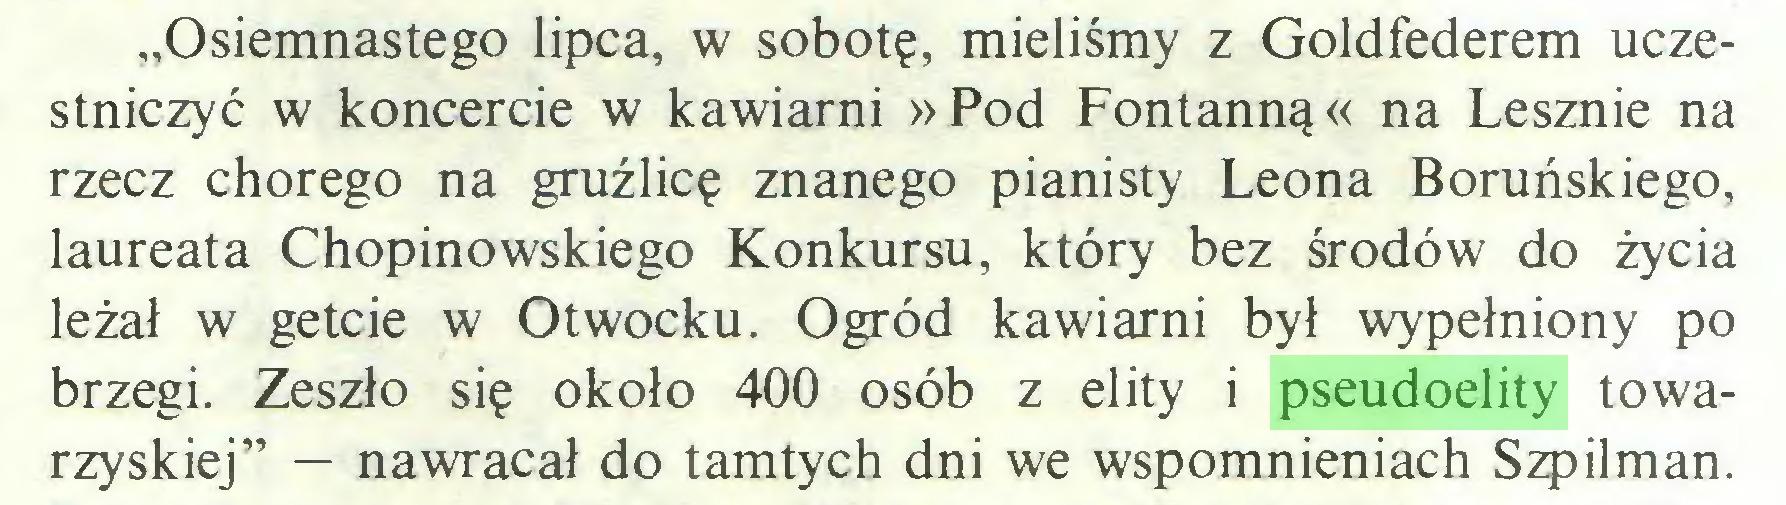 """(...) """"Osiemnastego lipca, w sobotę, mieliśmy z Goldfederem uczestniczyć w koncercie w kawiarni »Pod Fontanną« na Lesznie na rzecz chorego na gruźlicę znanego pianisty Leona Boruńskiego, laureata Chopinowskiego Konkursu, który bez środo w do życia leżał w getcie w Otwocku. Ogród kawiarni był wypełniony po brzegi. Zeszło się około 400 osób z elity i pseudoelity towarzyskiej"""" — nawracał do tamtych dni we wspomnieniach Szpilman..."""